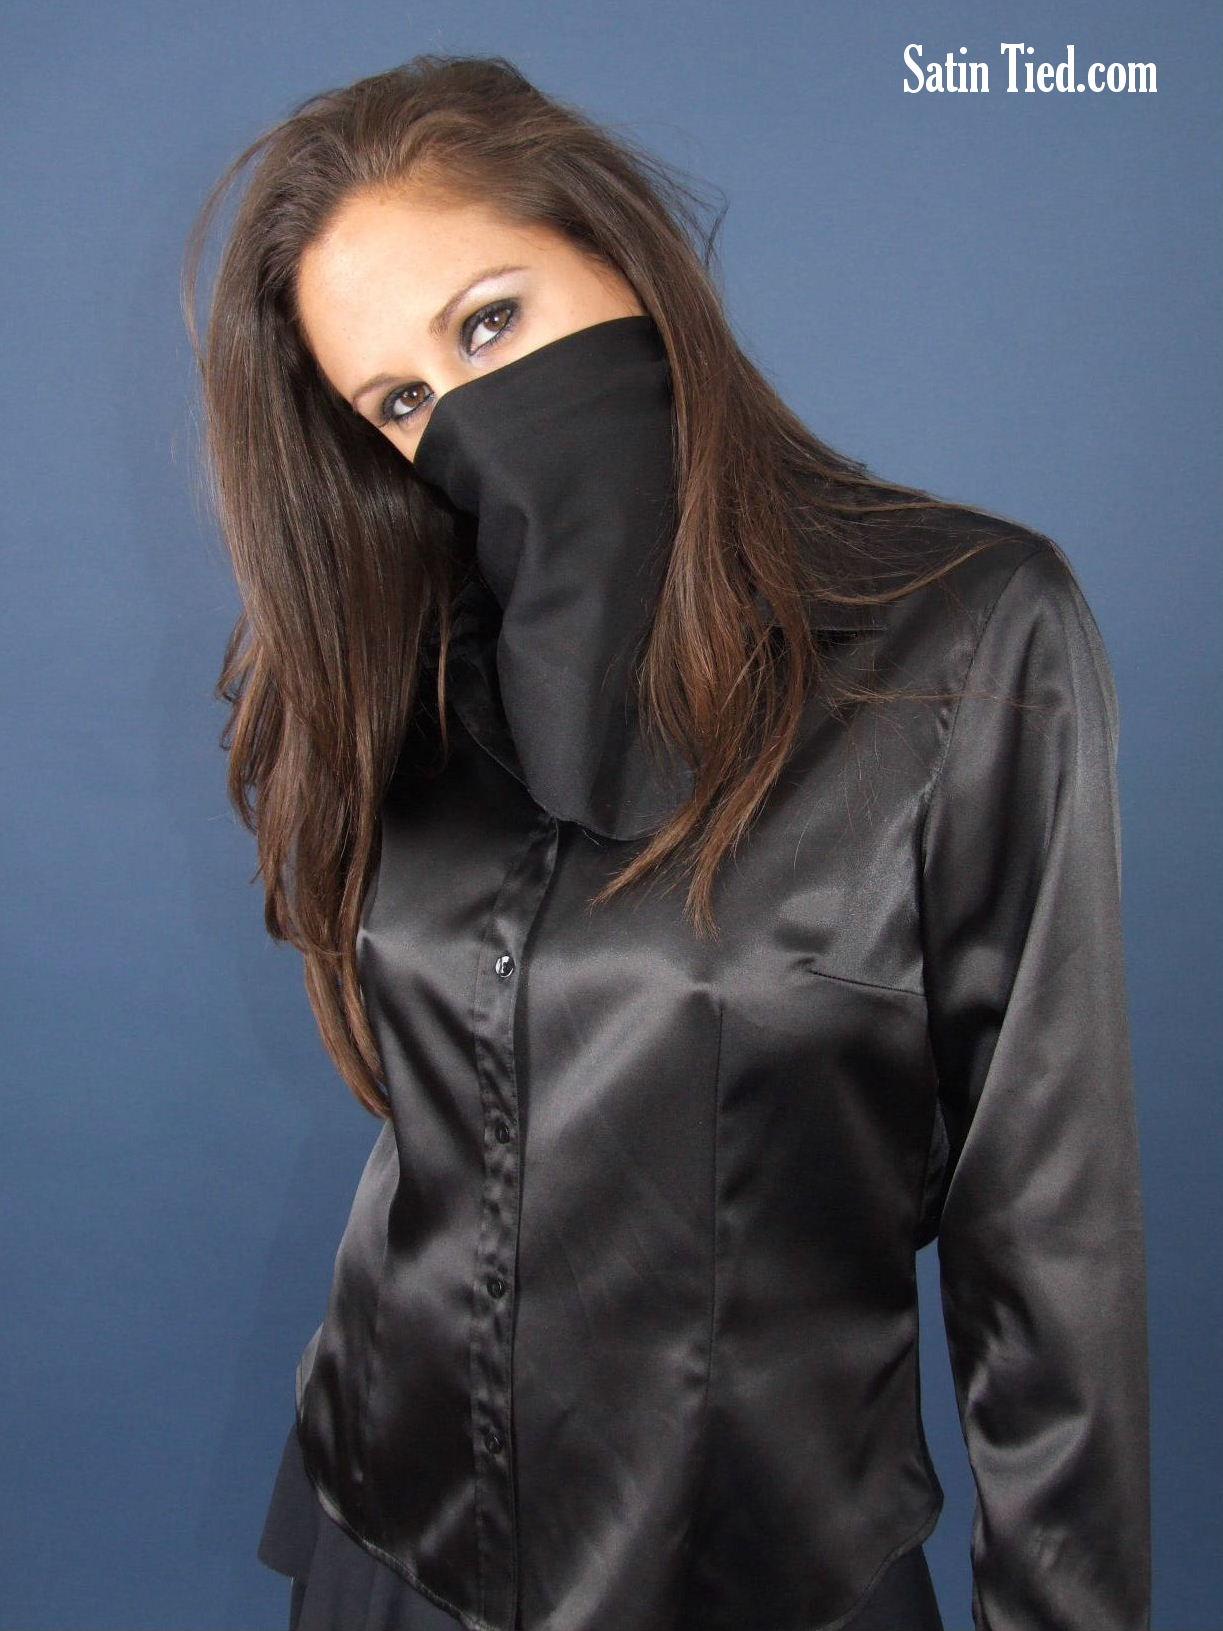 Satin Tied: Masked Ila